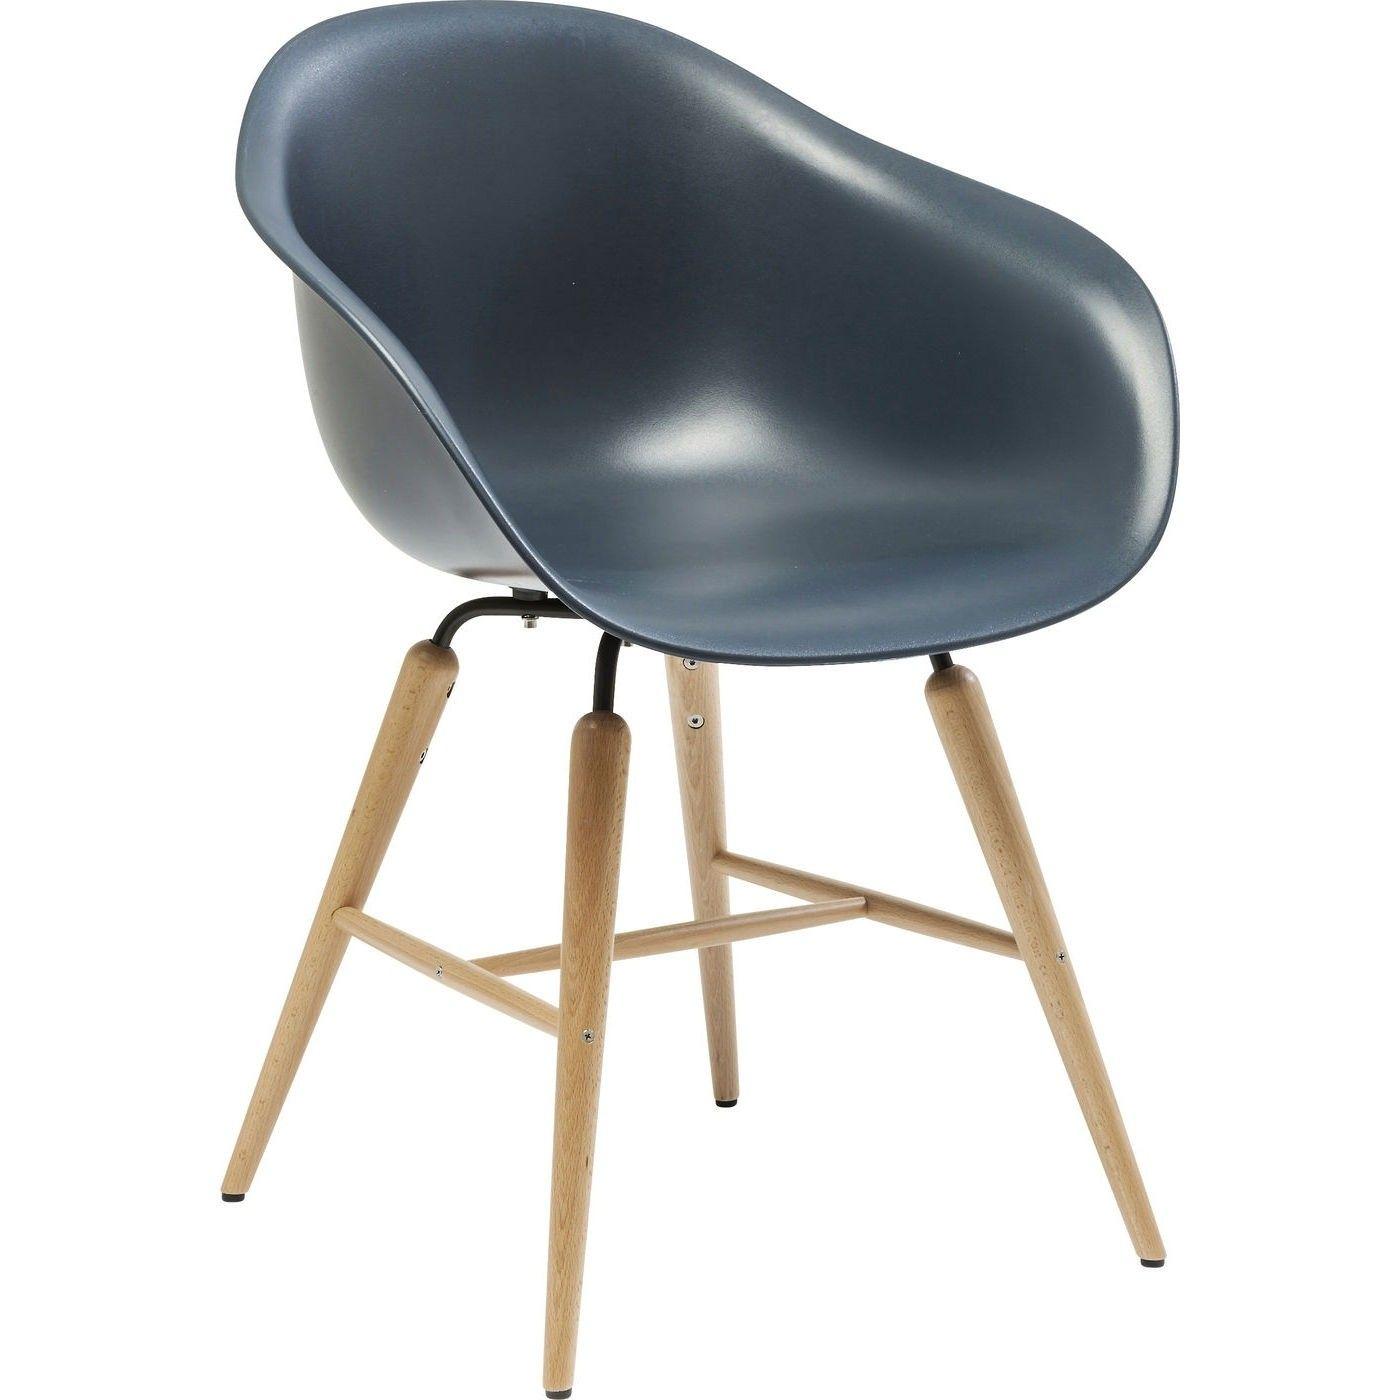 Armlehne Stuhl Kitchen Object GrauStühlechairs Forum Mit n80OXkwP